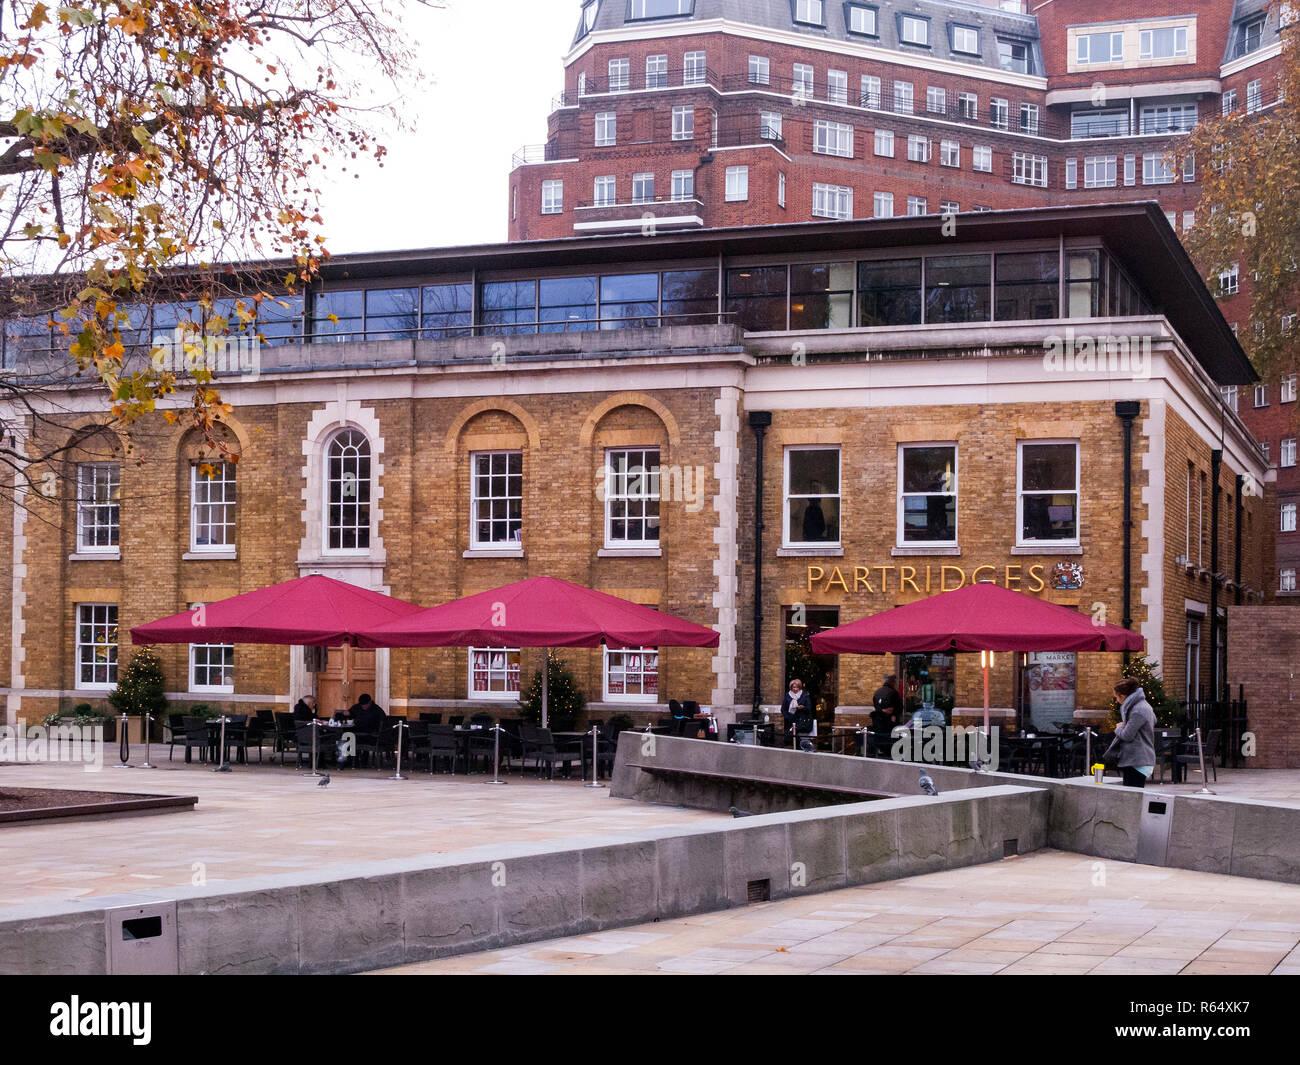 Partridges, Duke of York Square, Chelsea - Stock Image